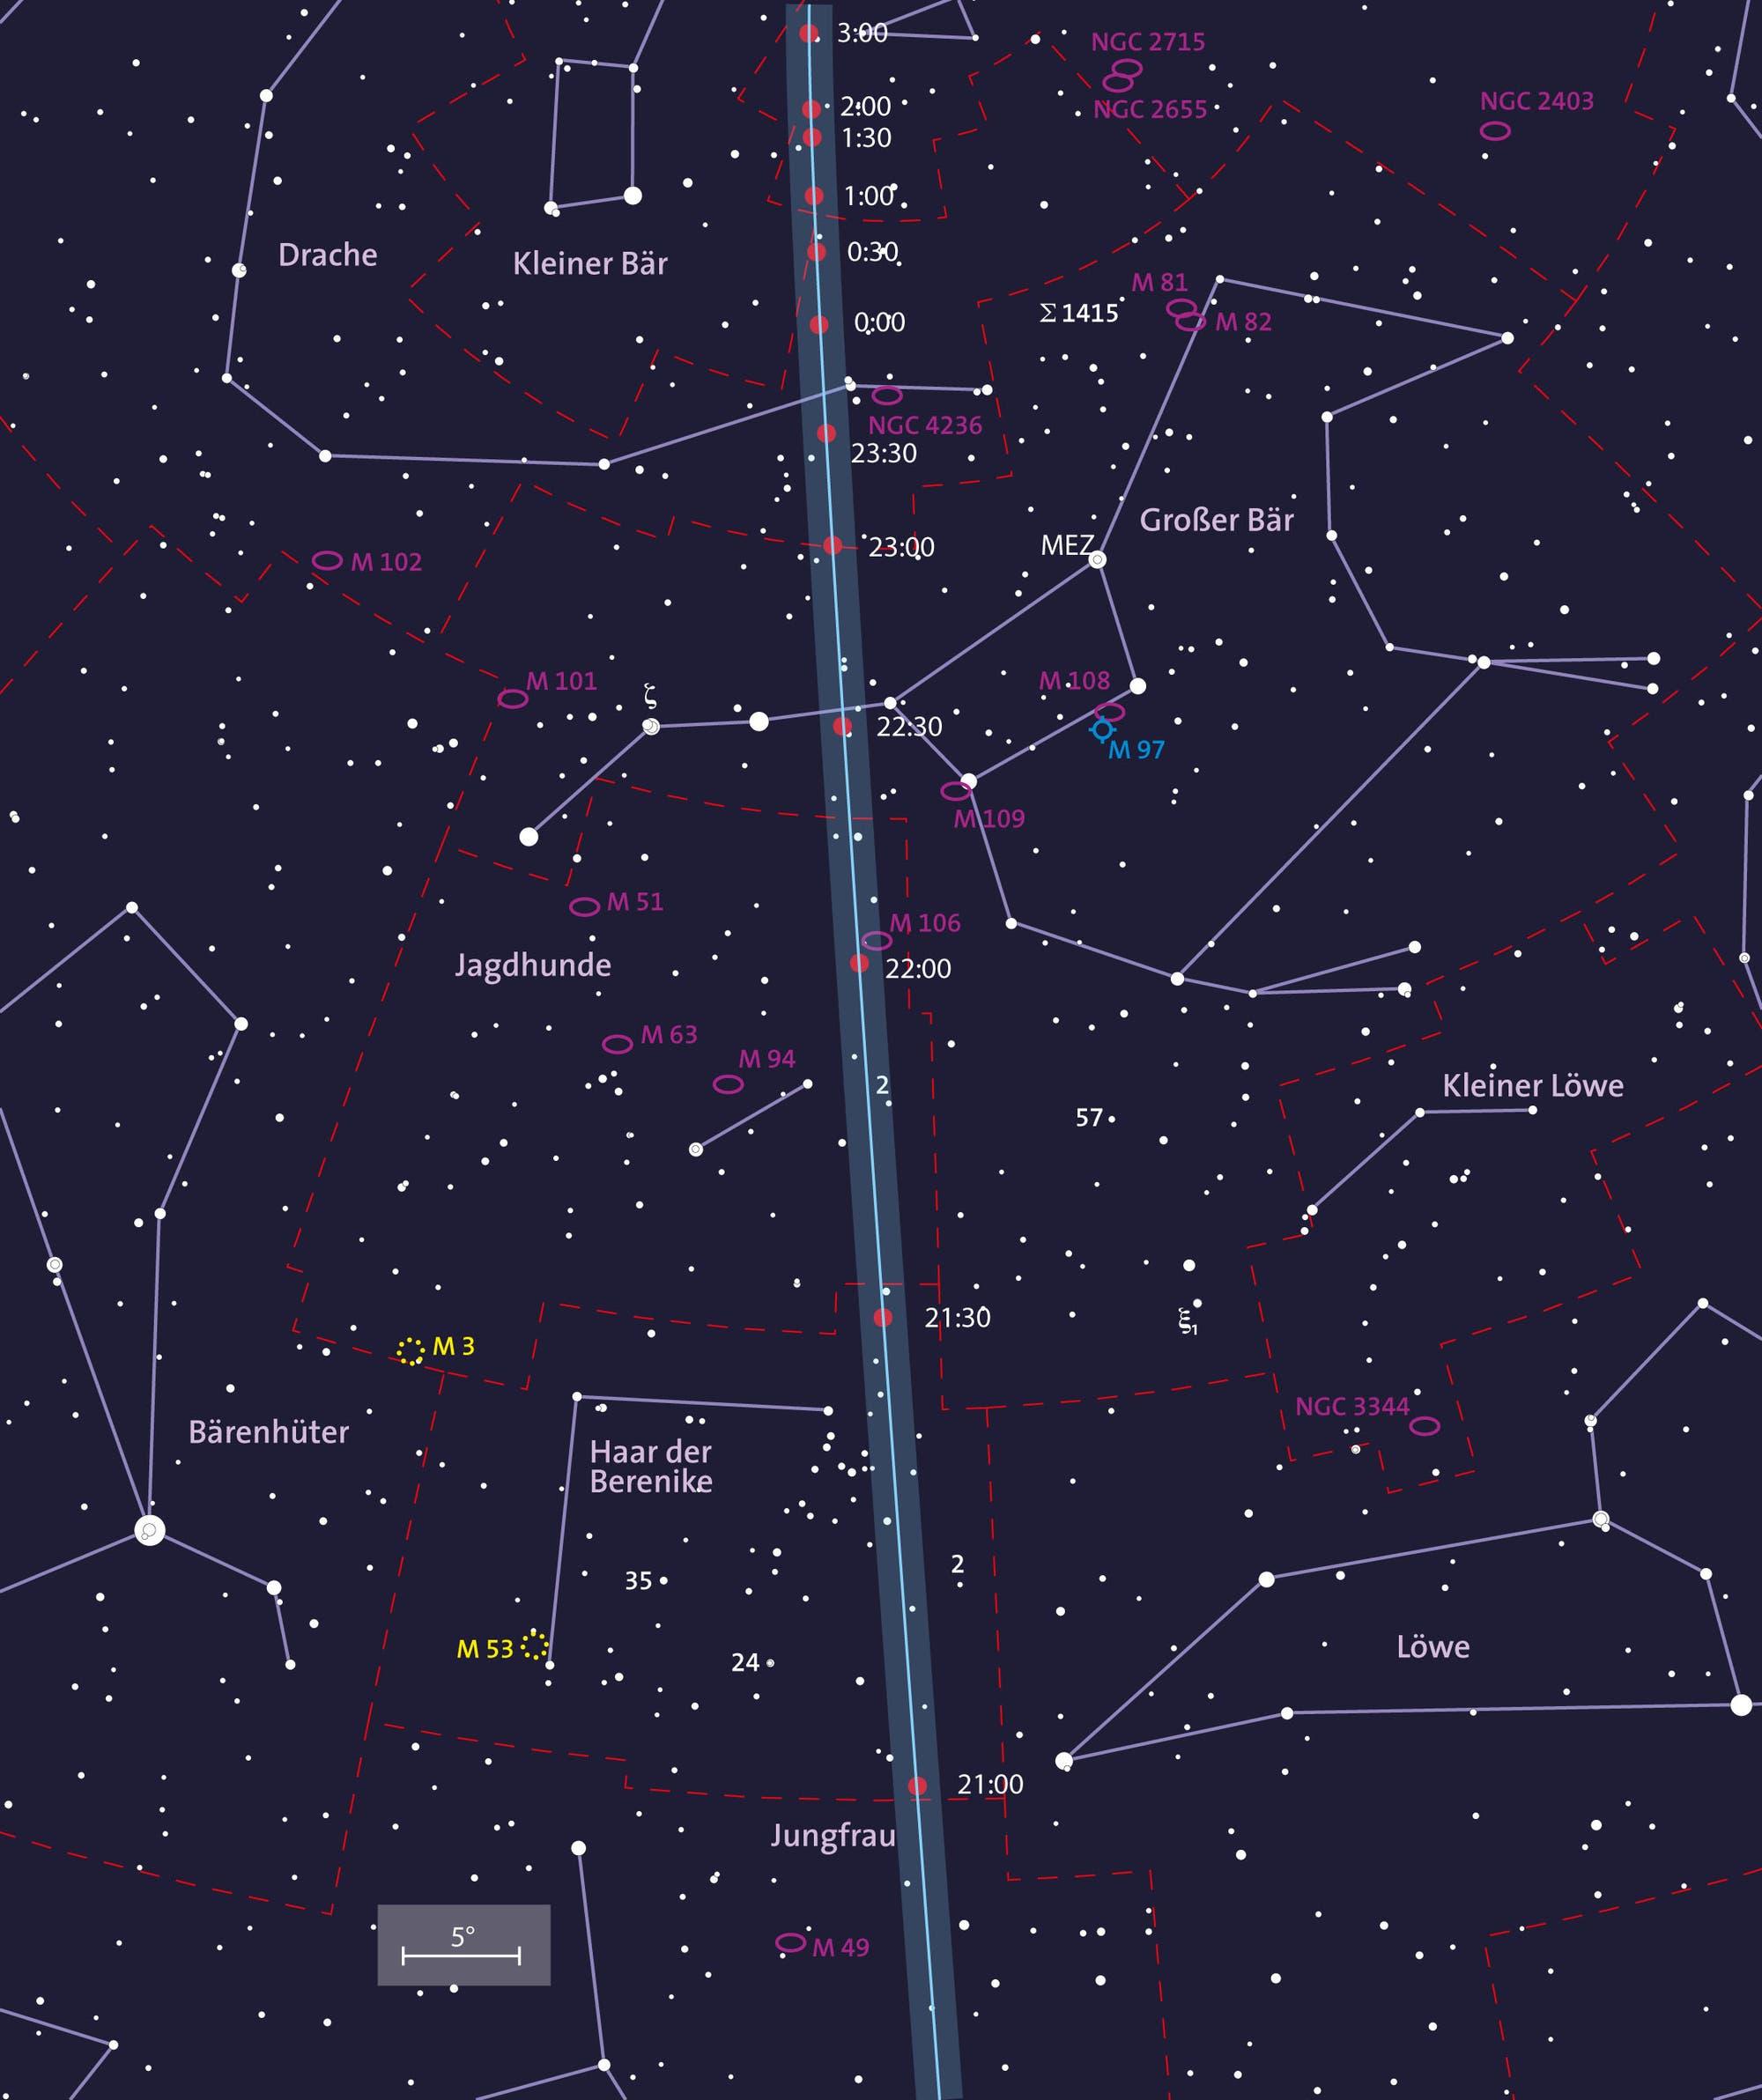 Übersichtskarte der Himmelsbahn von 2012 DA14